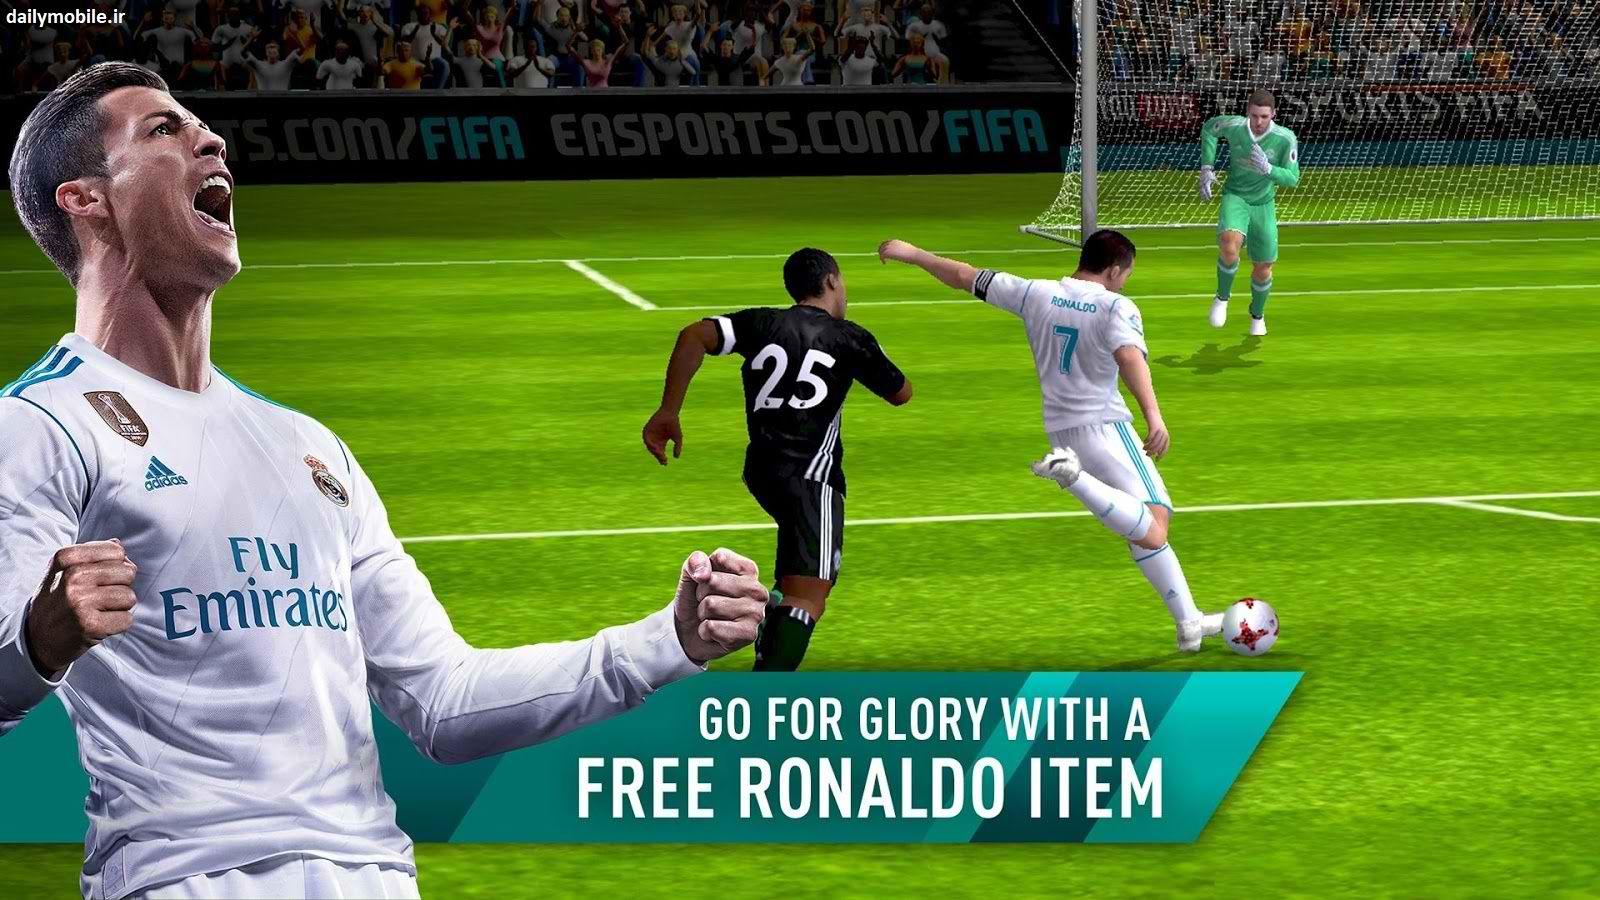 دانلود بازی فوق العاده فوتبال فیفا برای اندروید FIFA Football